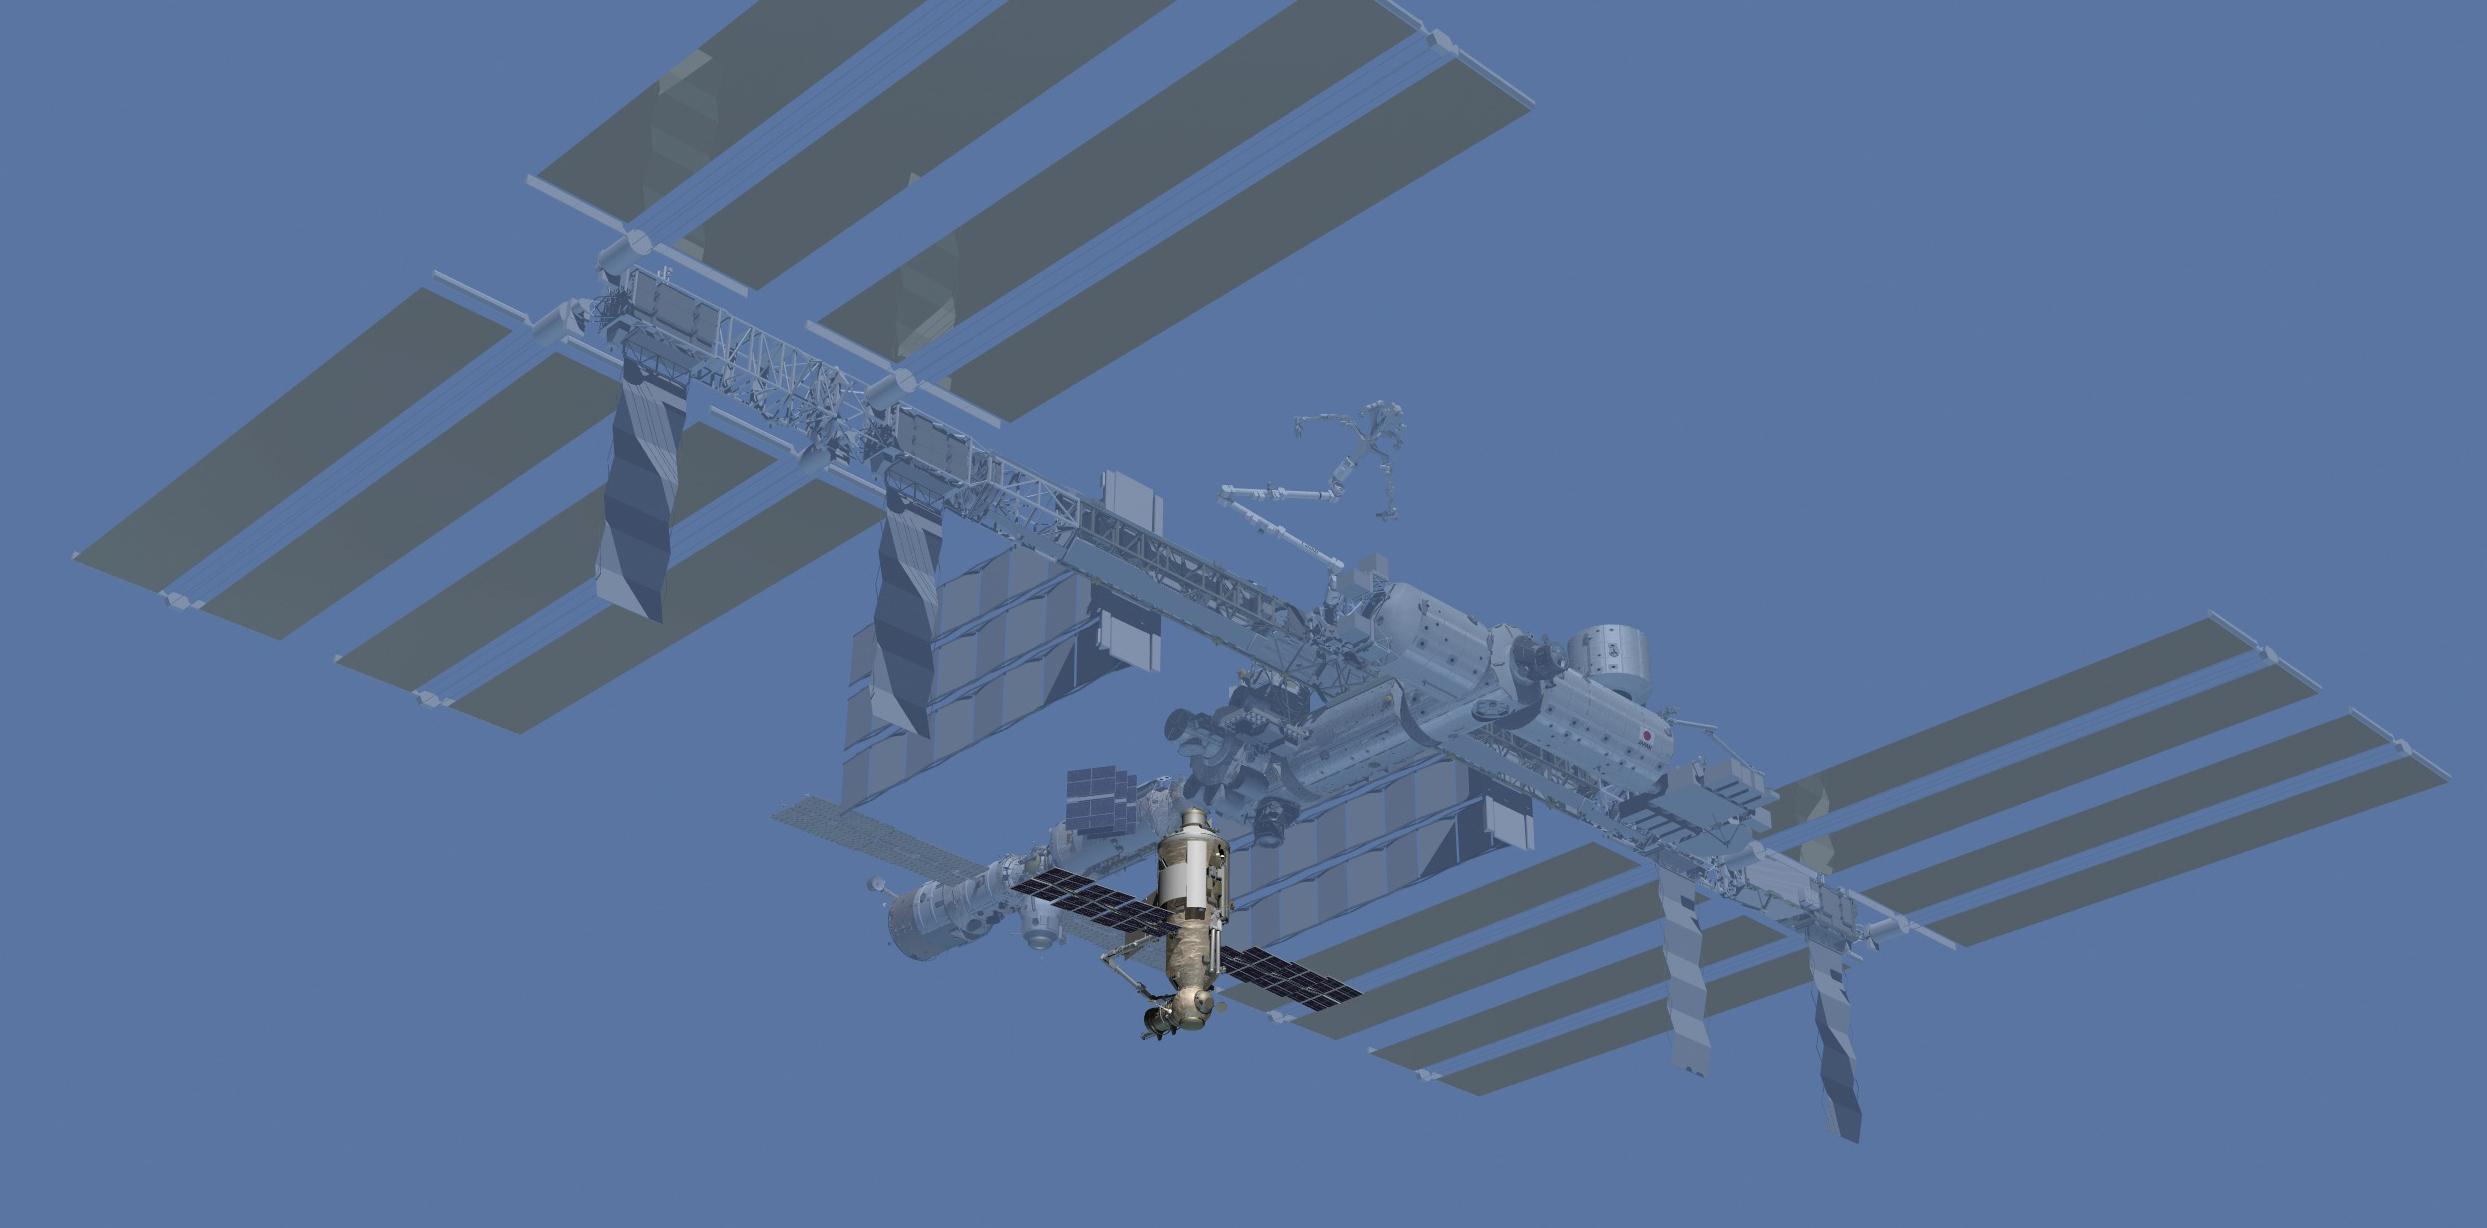 Mýtus realitou? Rusové chtějí konečně po 15 letech vyslat k ISS speciální laboratorní modul